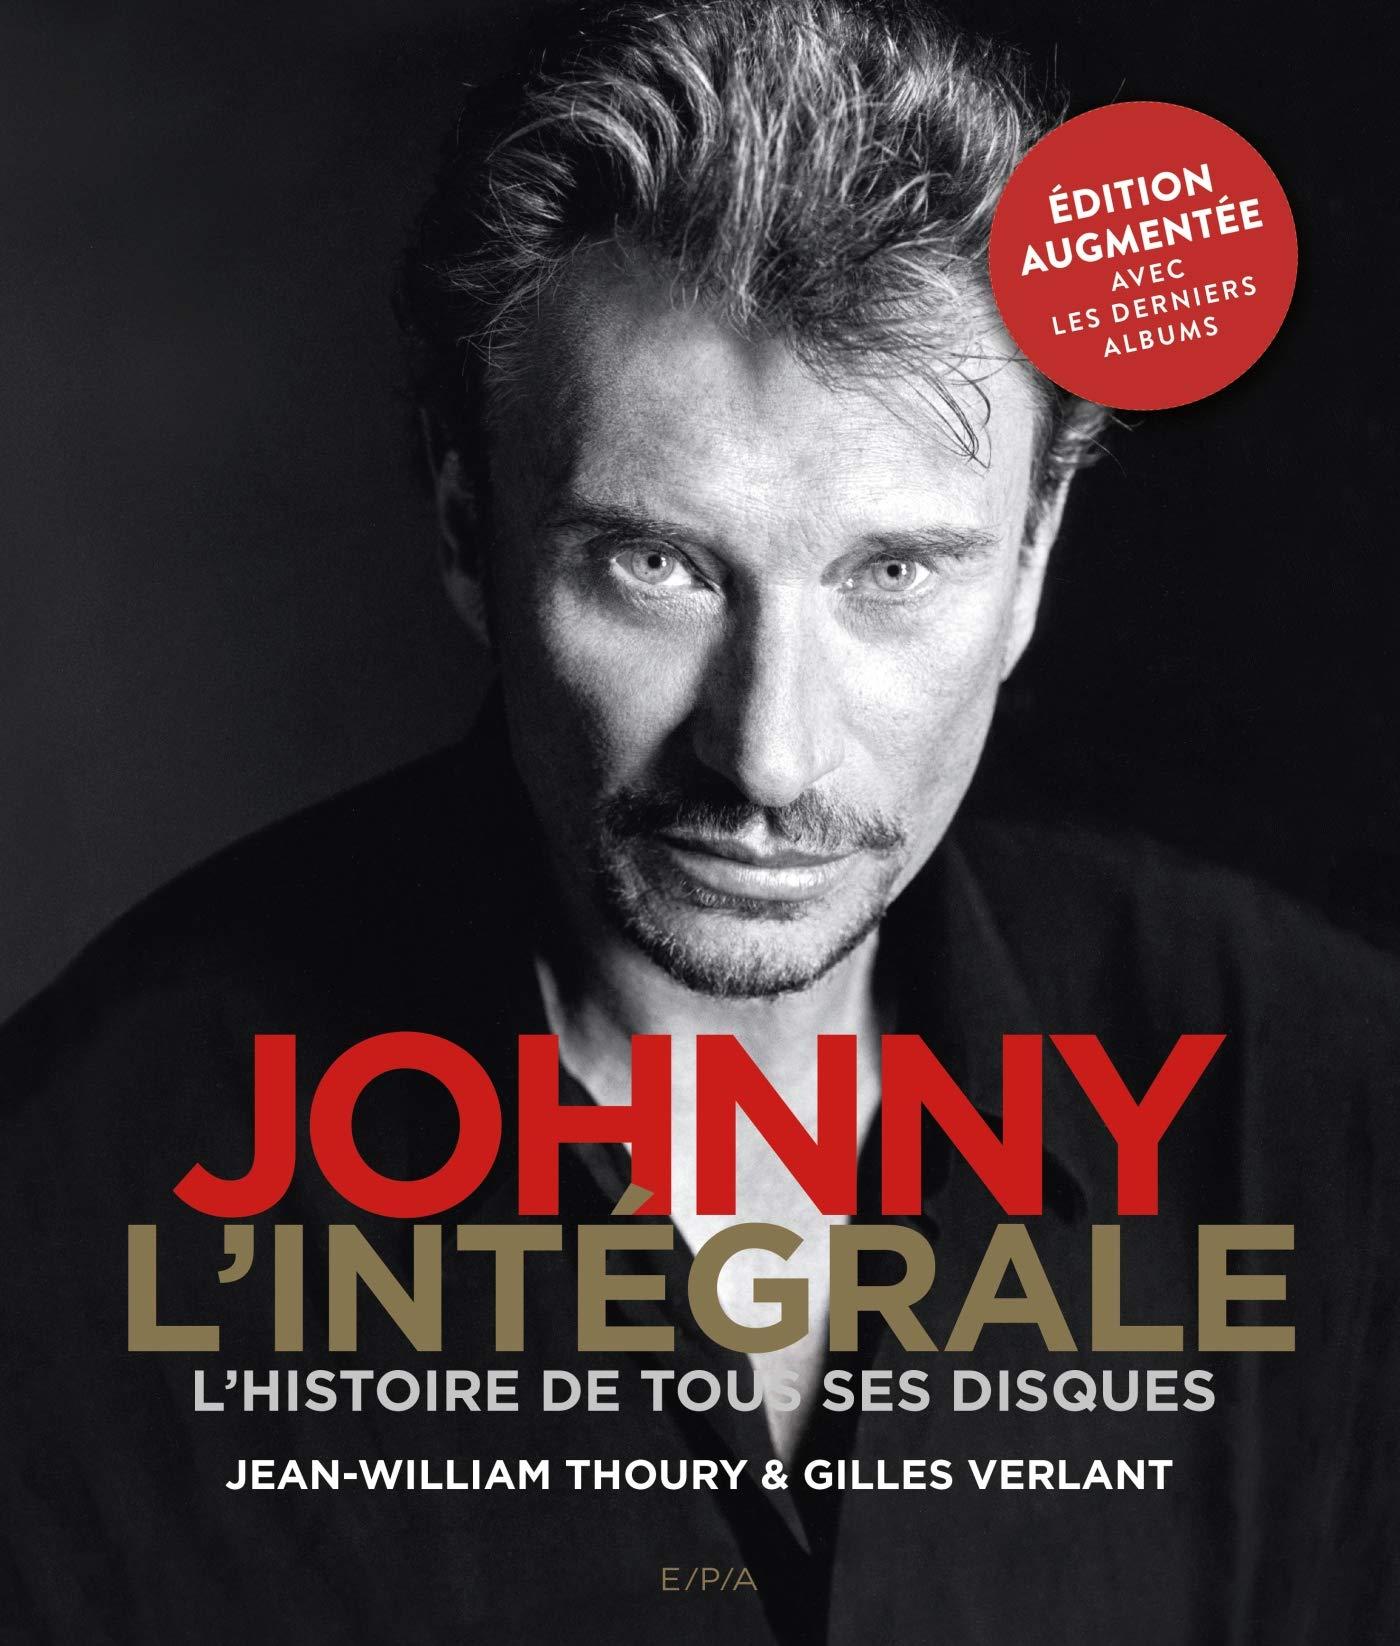 Johnny l'intégrale - Nouvelle édition: L'Histoire de tous ses disques por Jean-William Thoury